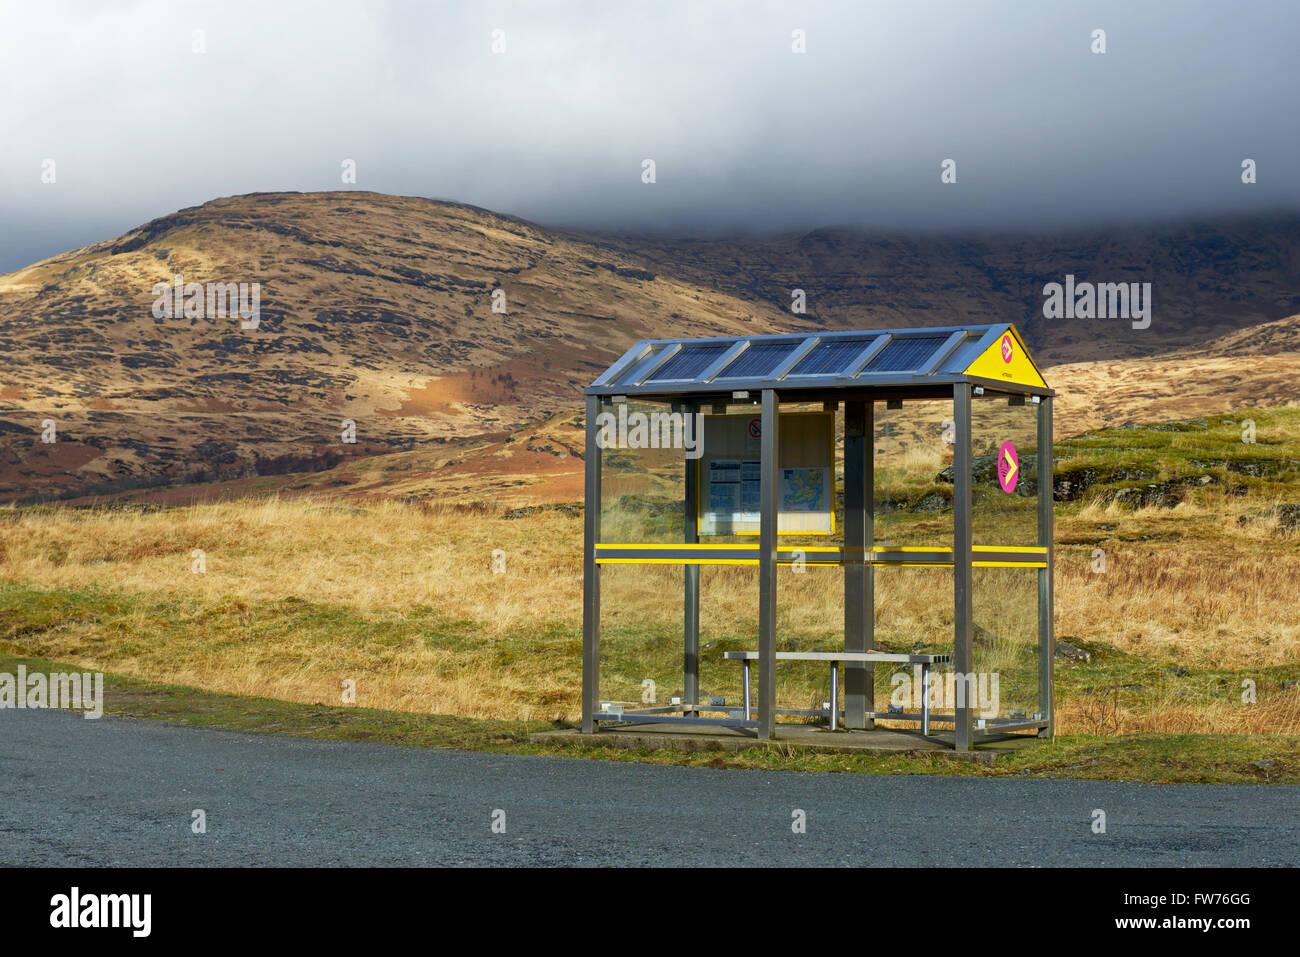 Bus shelter, Glen More, Isle of Mull, Argyll and Bute, Scotland UK - Stock Image